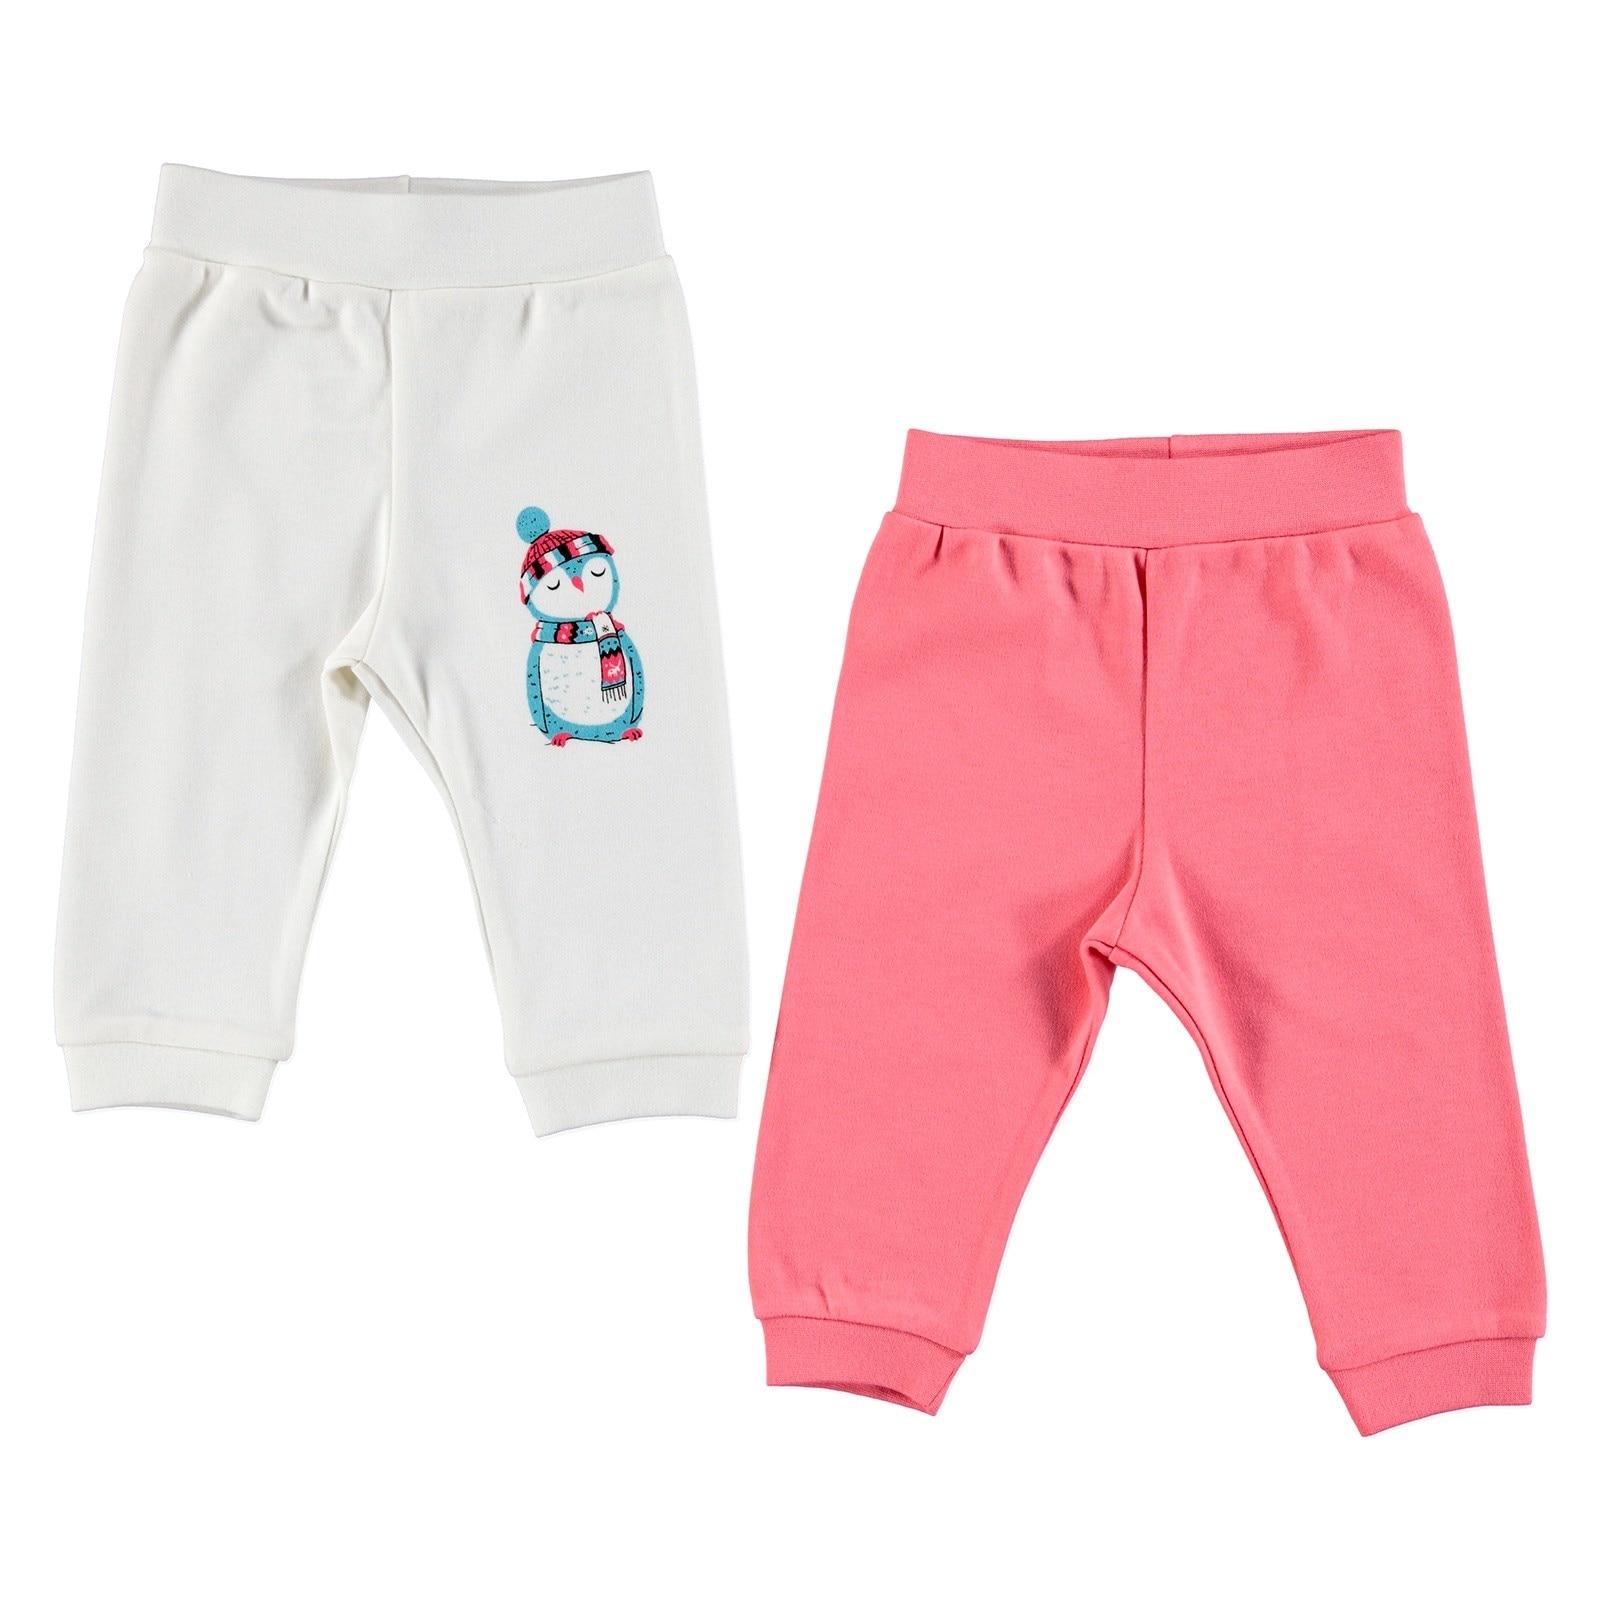 Ebebek HelloBaby Baby pantalones sin pies 2 uds